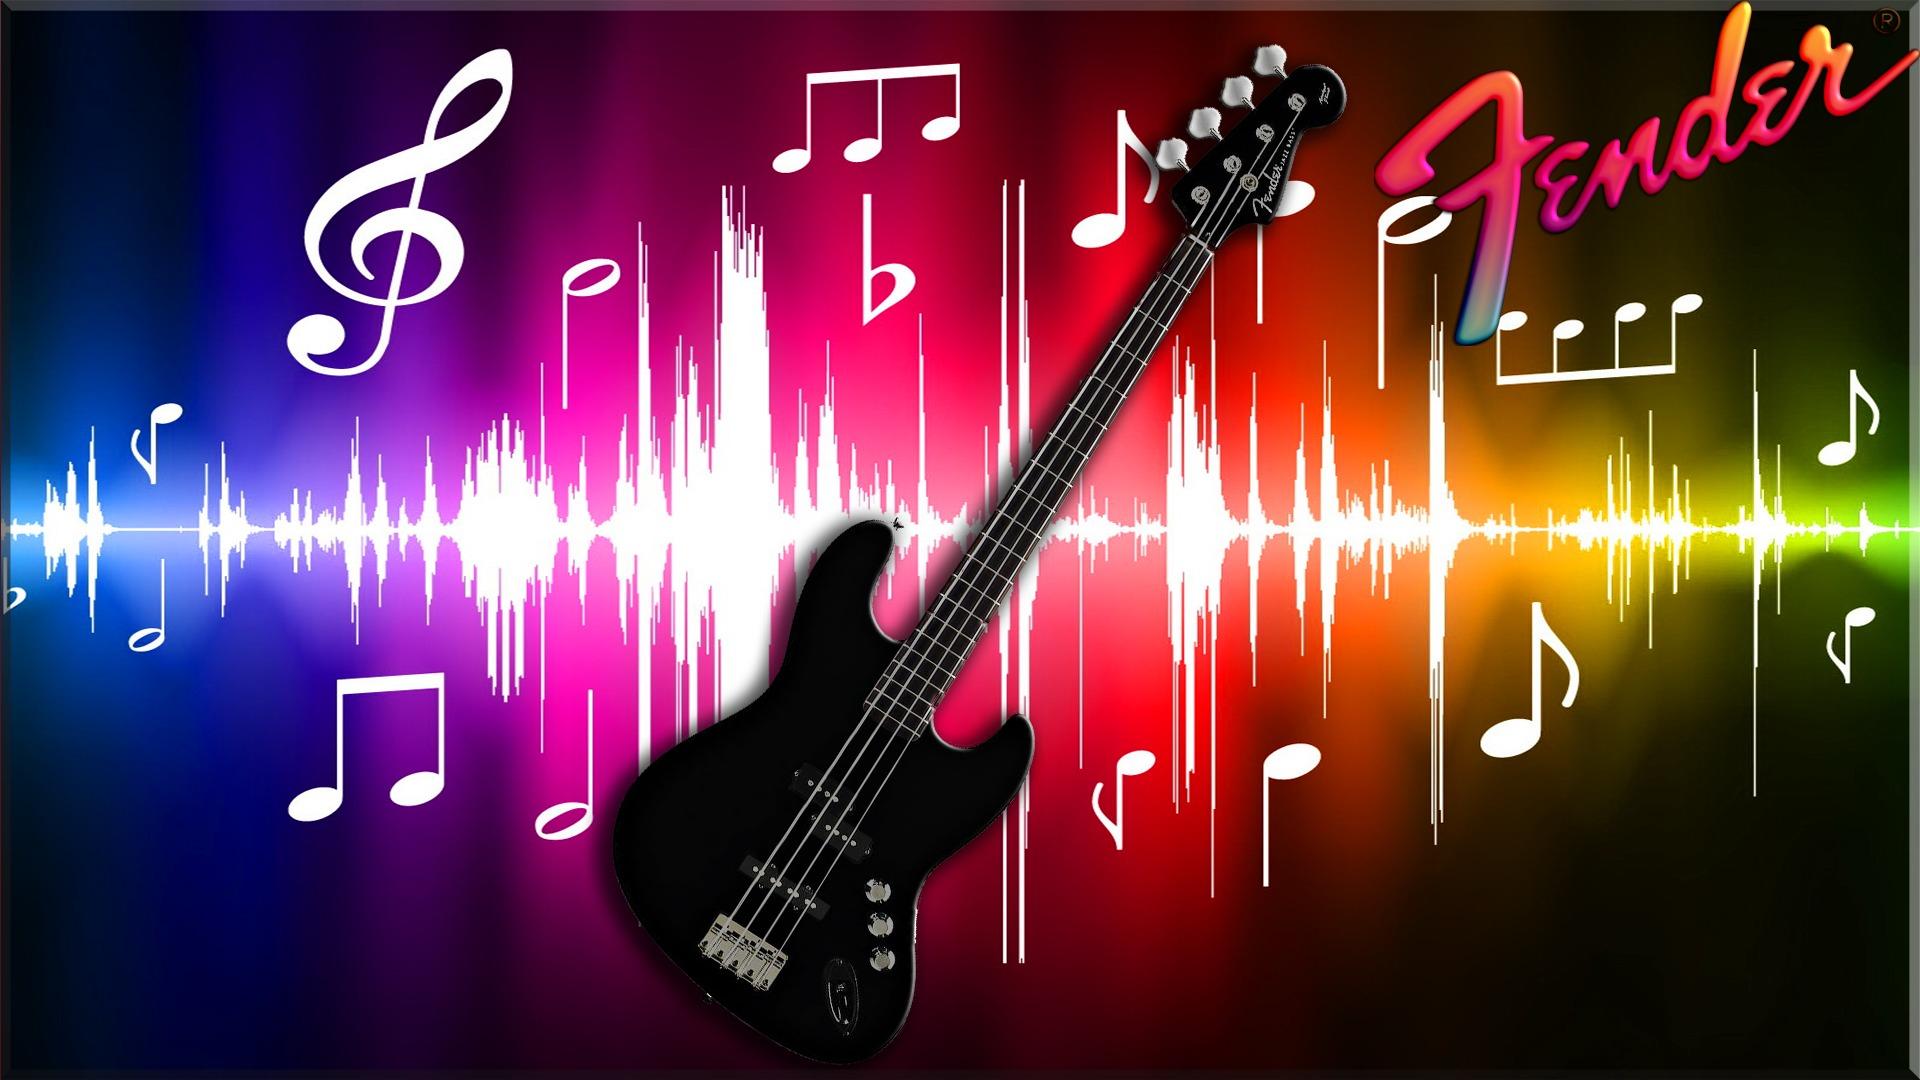 Красивая инструментальная музыка скачать все песни в хорошем качестве (320kbps)